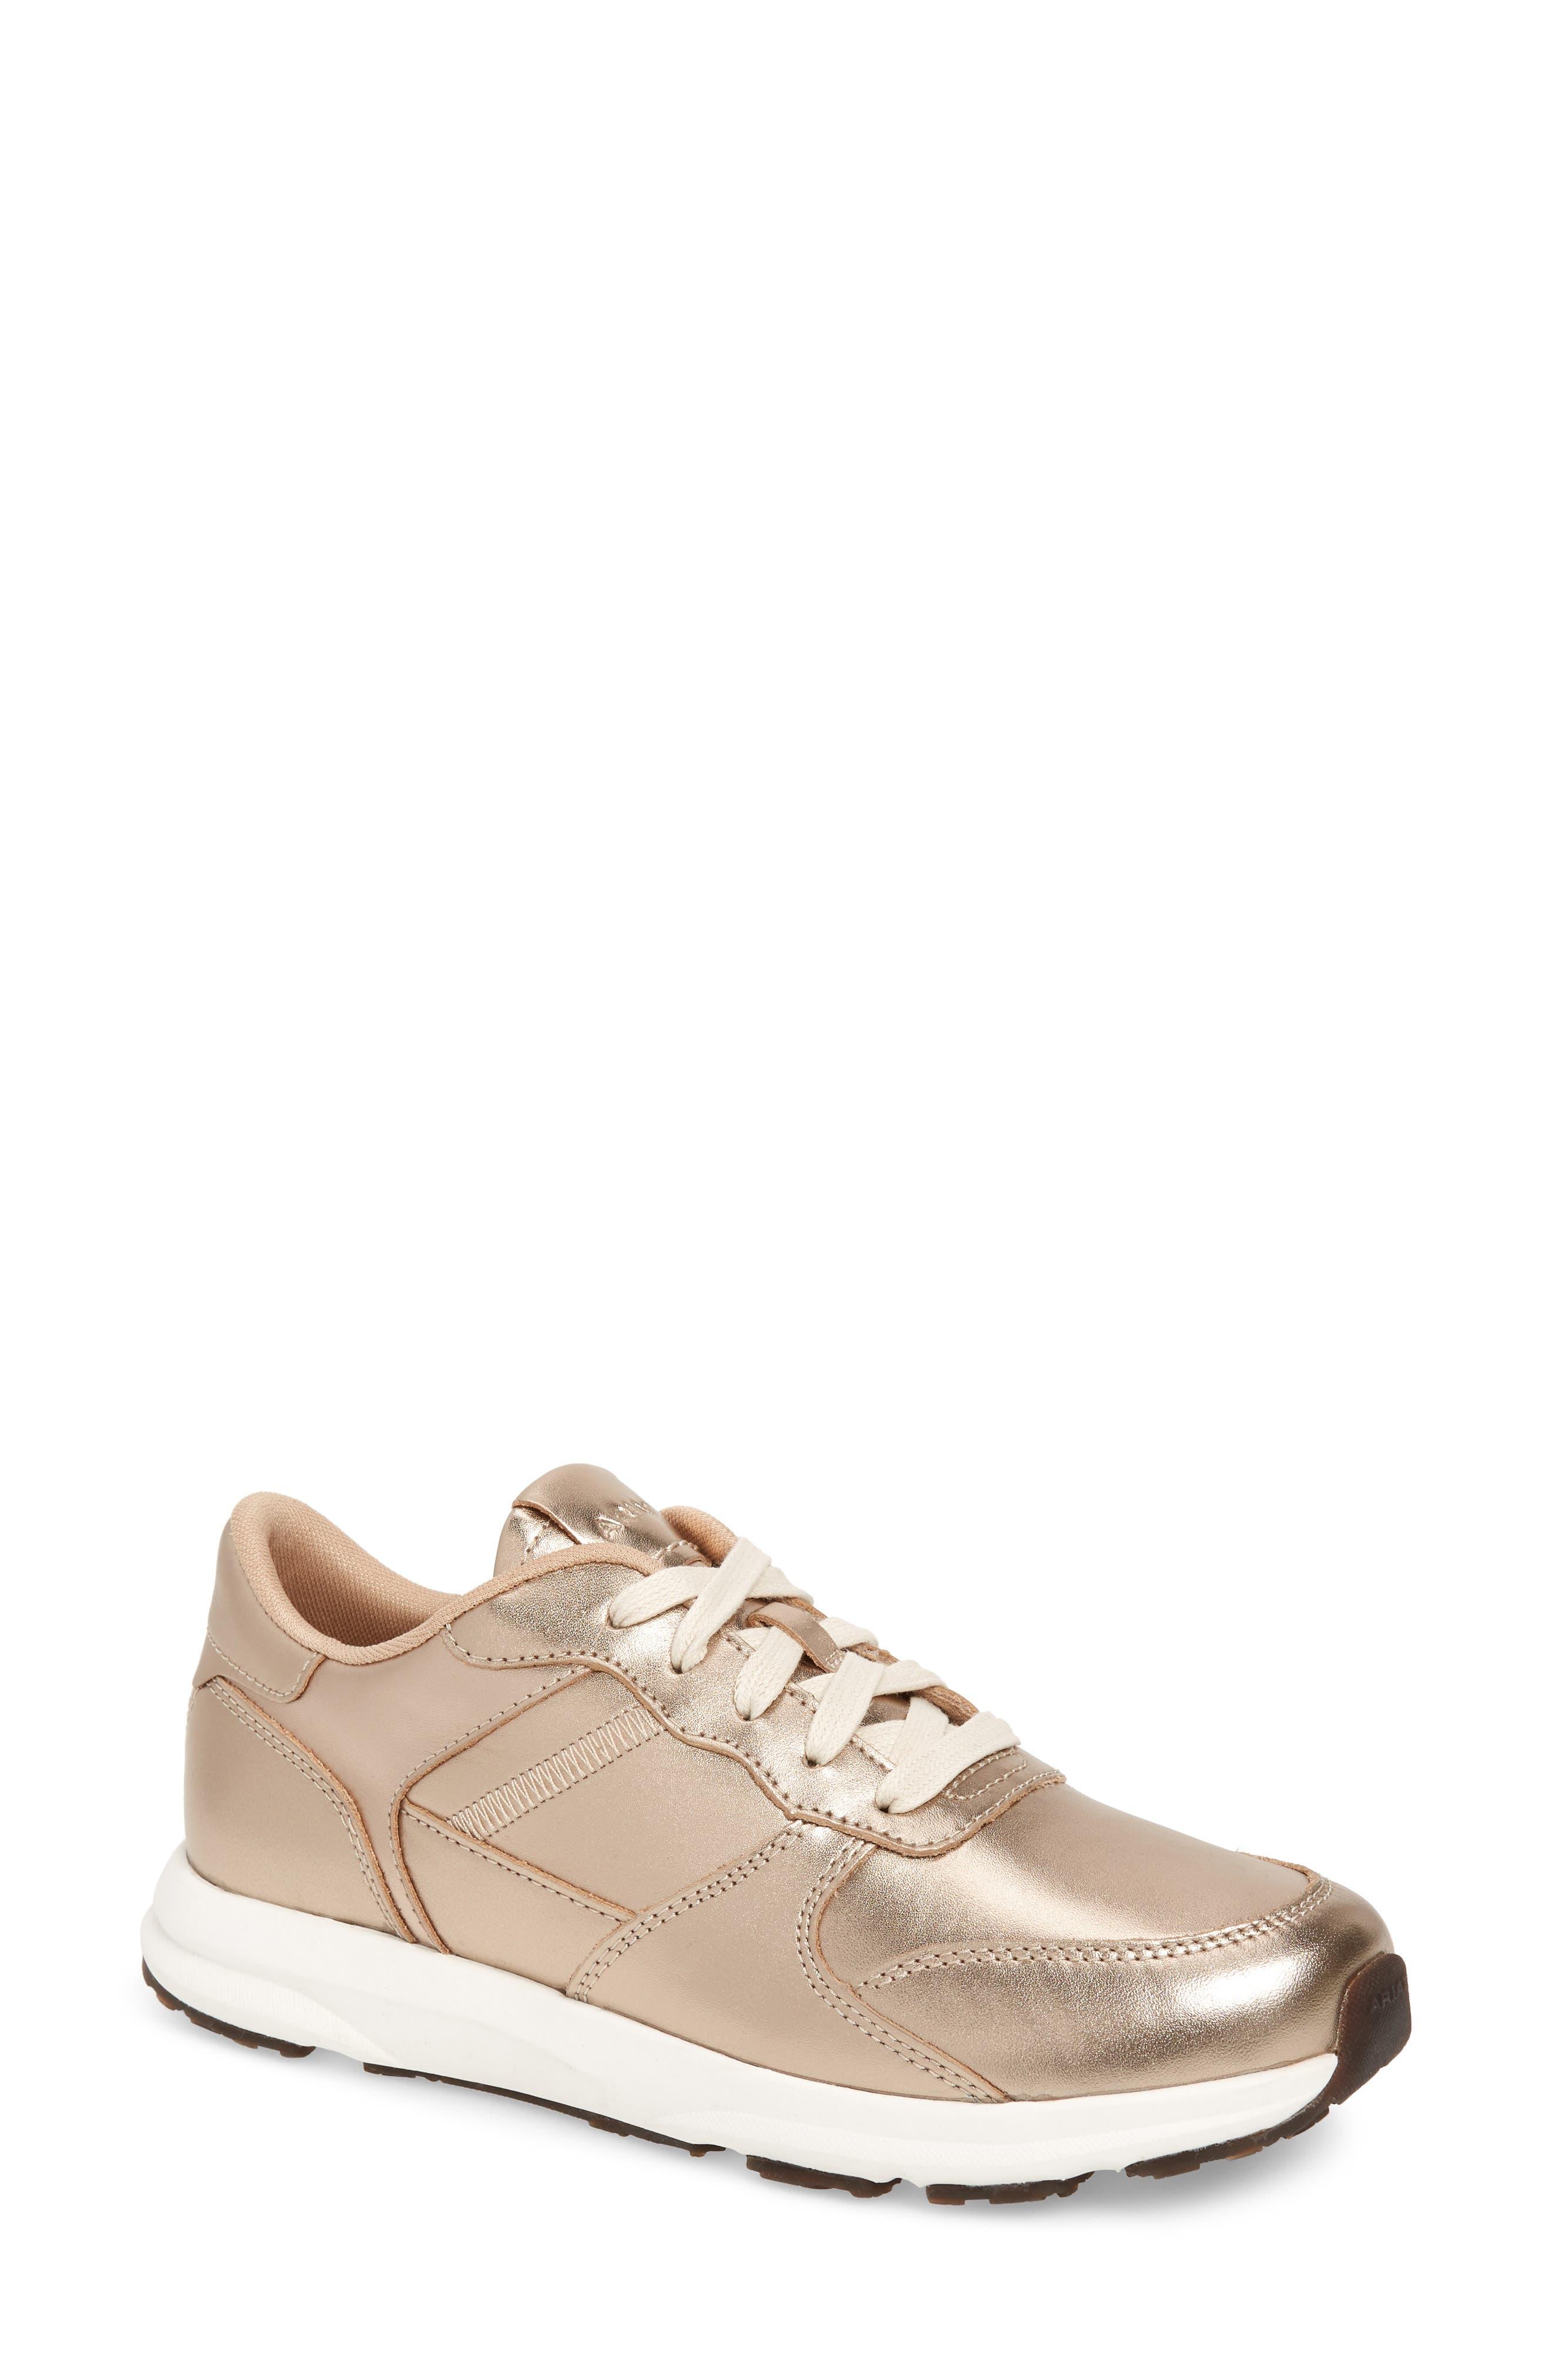 Ariat Fuse Plus Sneaker- Metallic